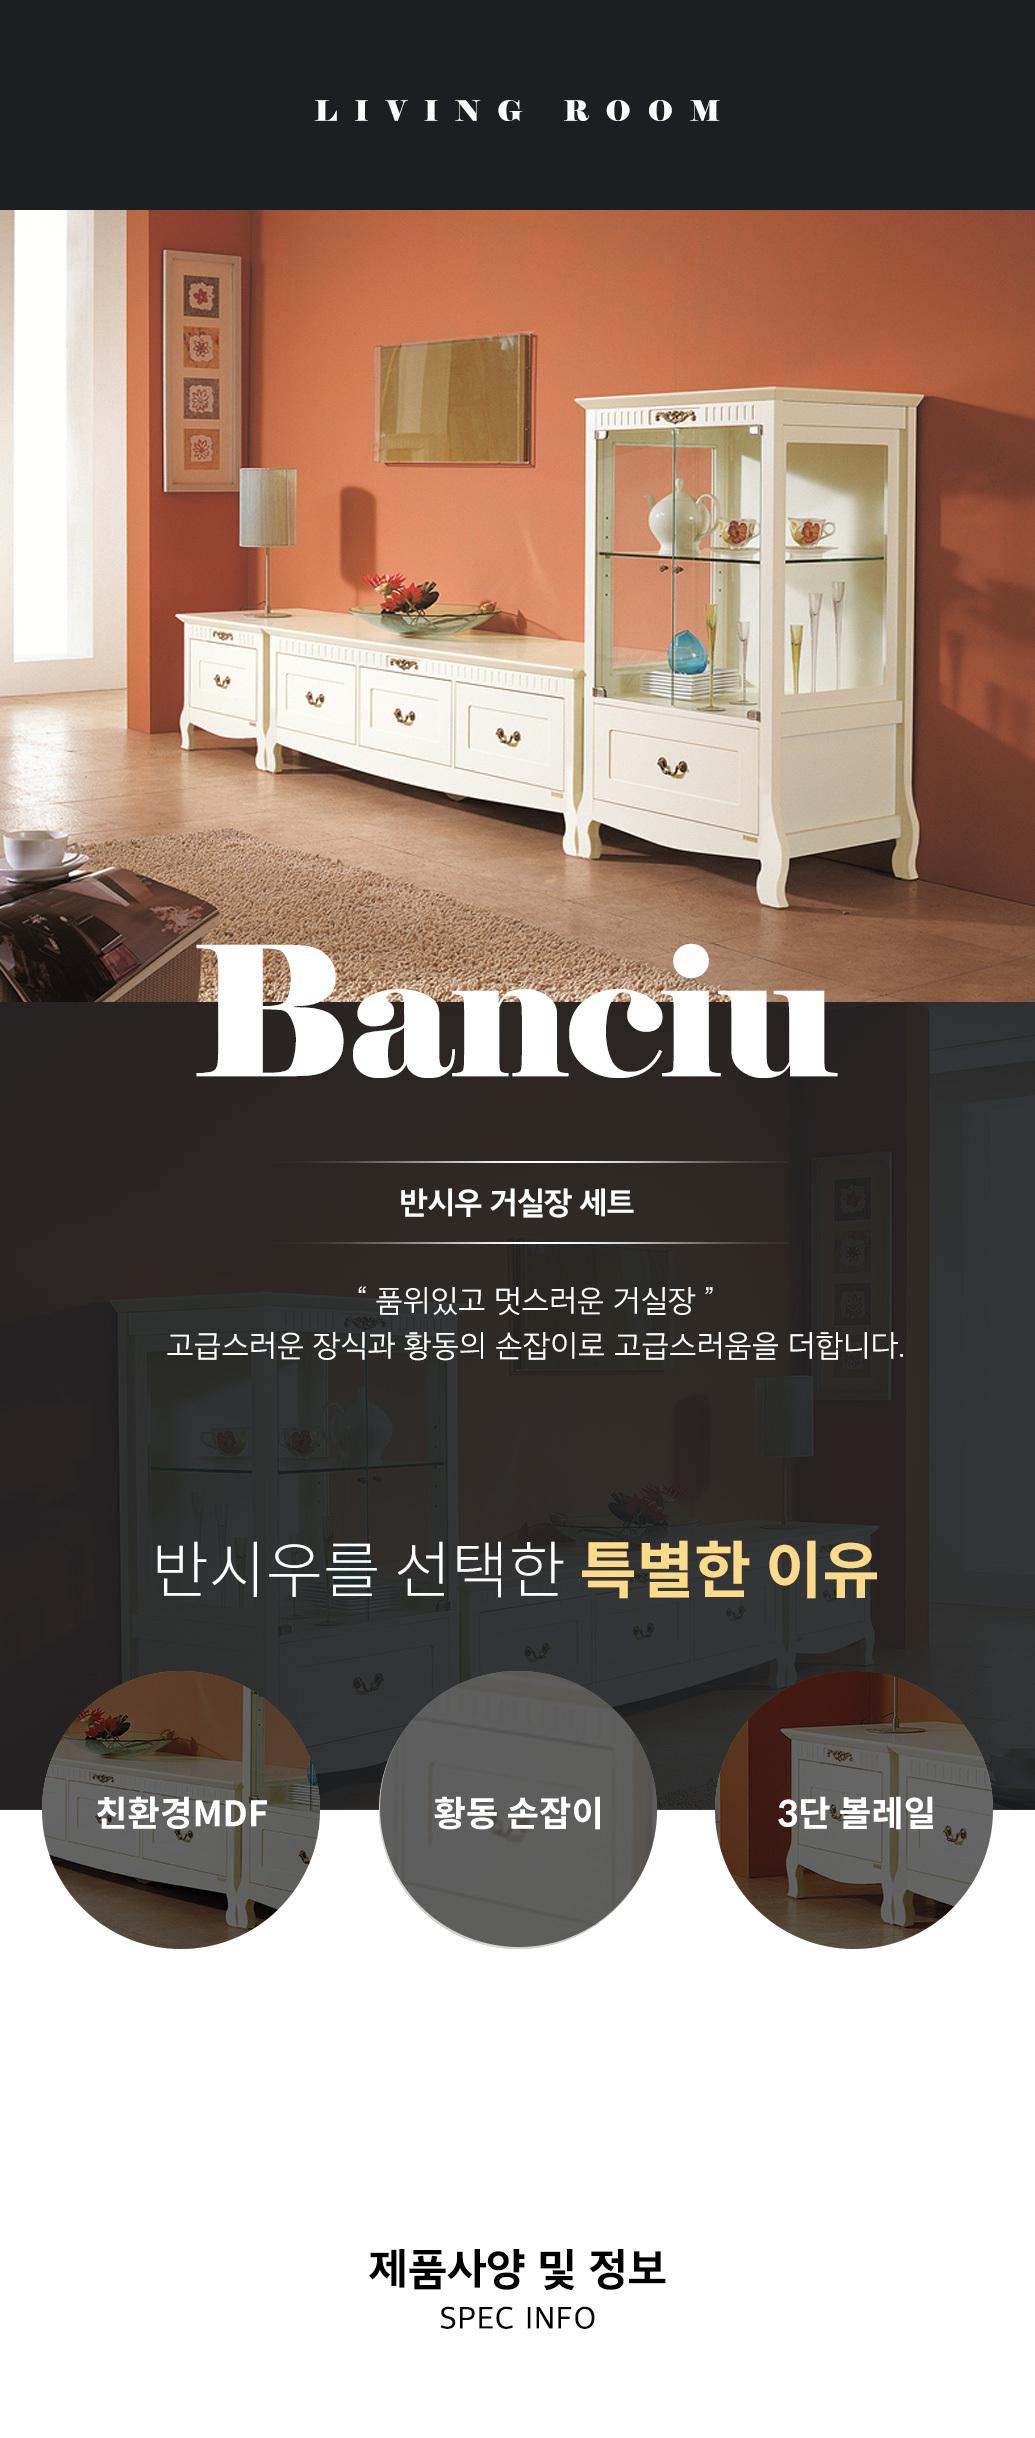 banciuset_001.jpg